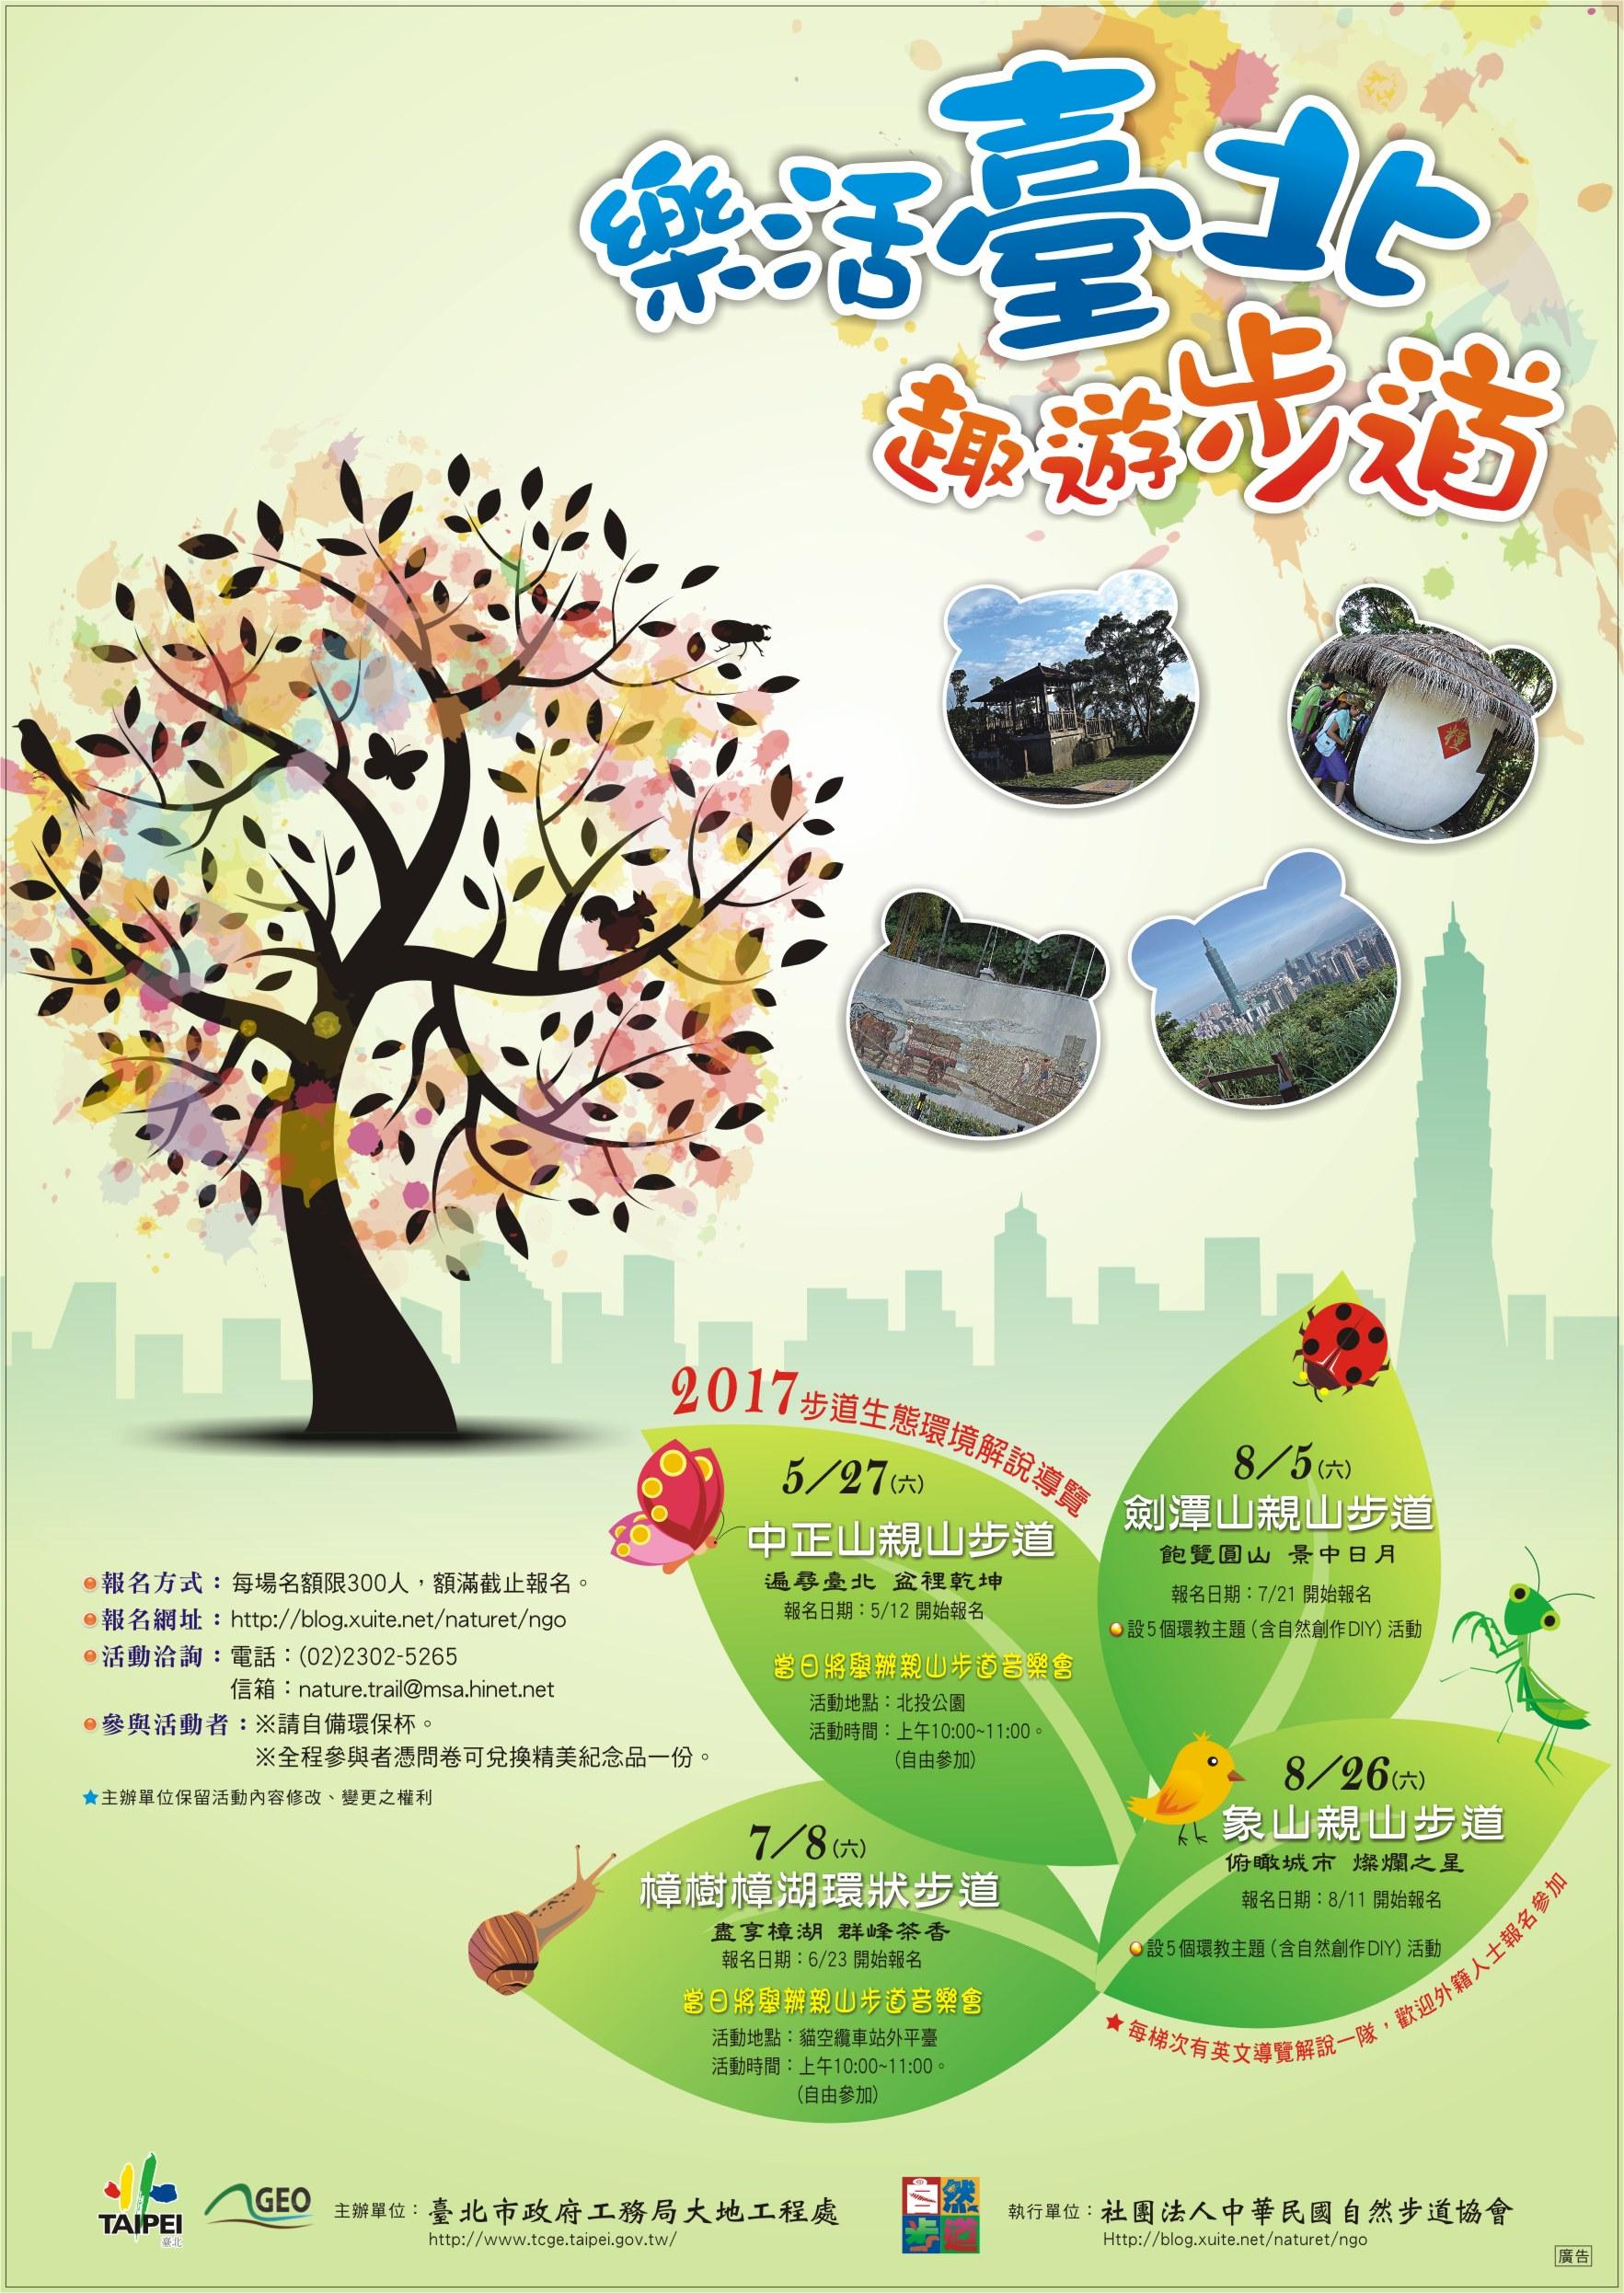 樂活臺北.趣遊步道,106年臺北市步道生態環境解說導覽相關資訊海報。